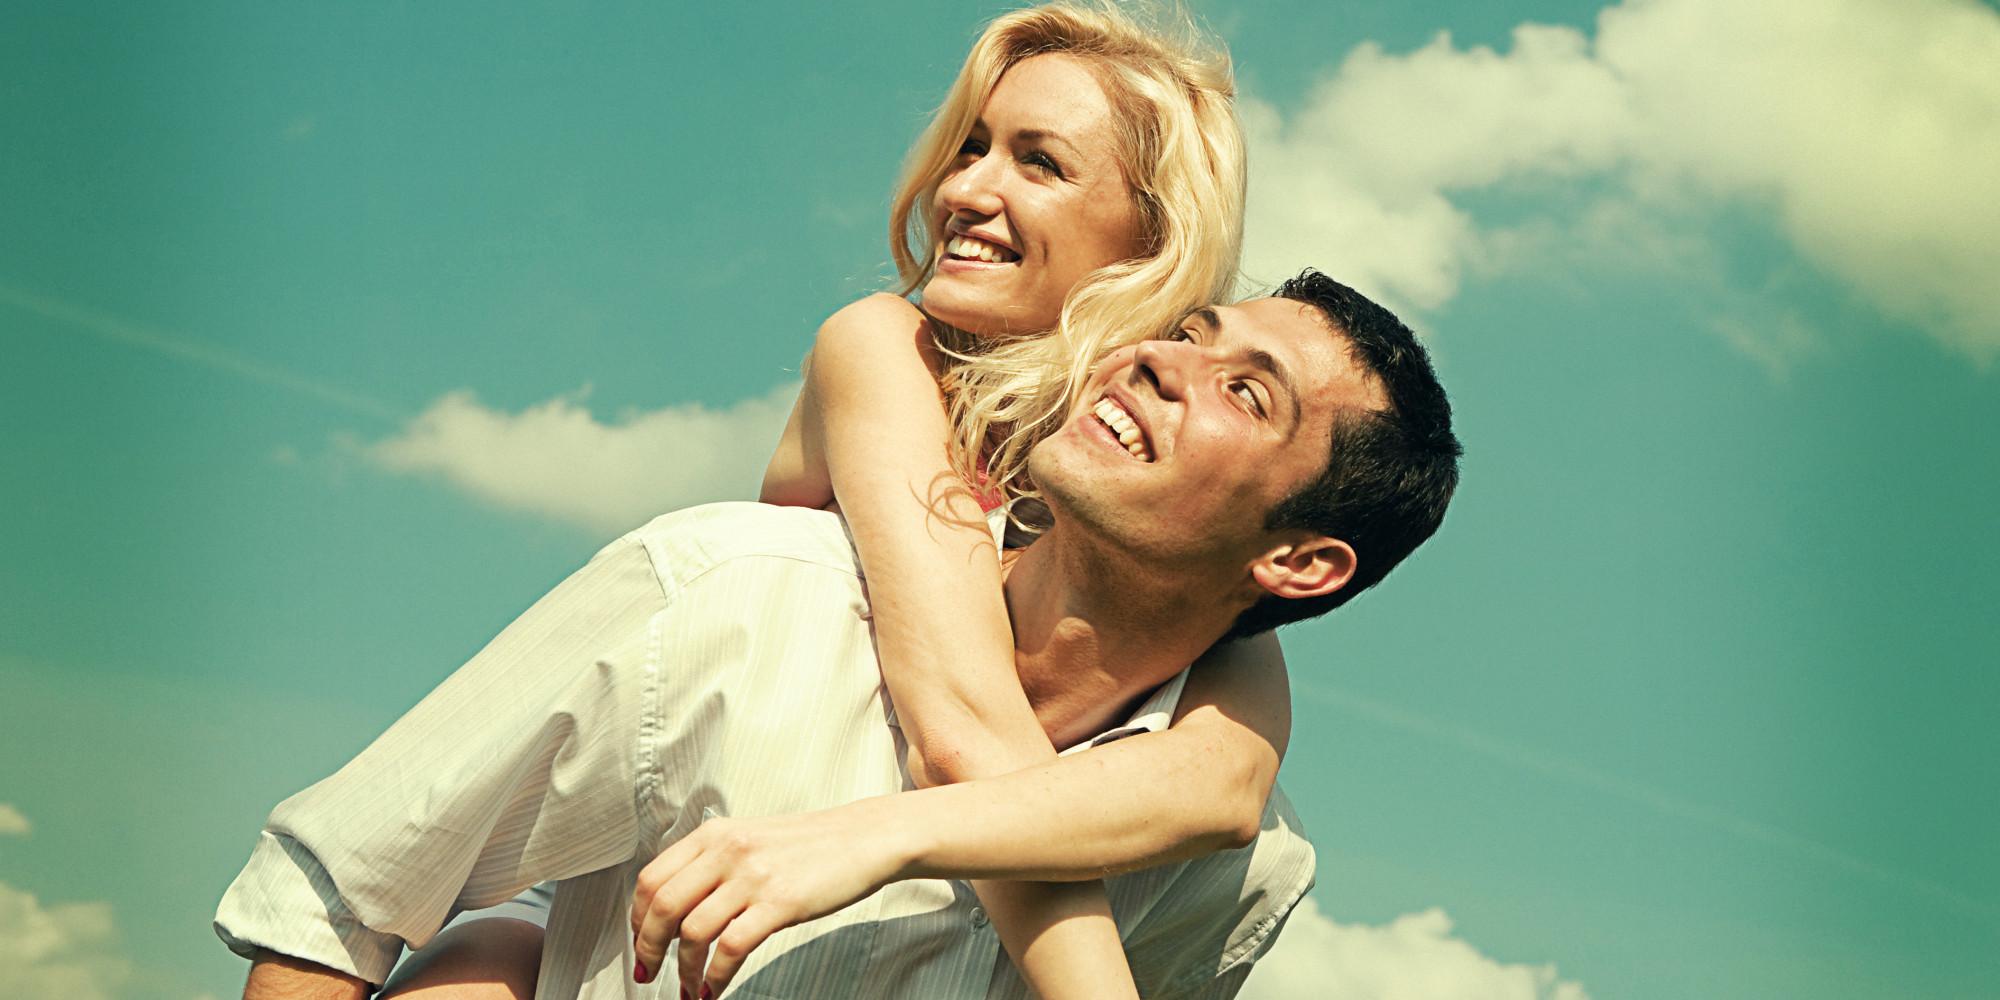 L 39 amicizia rafforza l 39 amore secondo la scienza le - Persone che fanno l amore in bagno ...